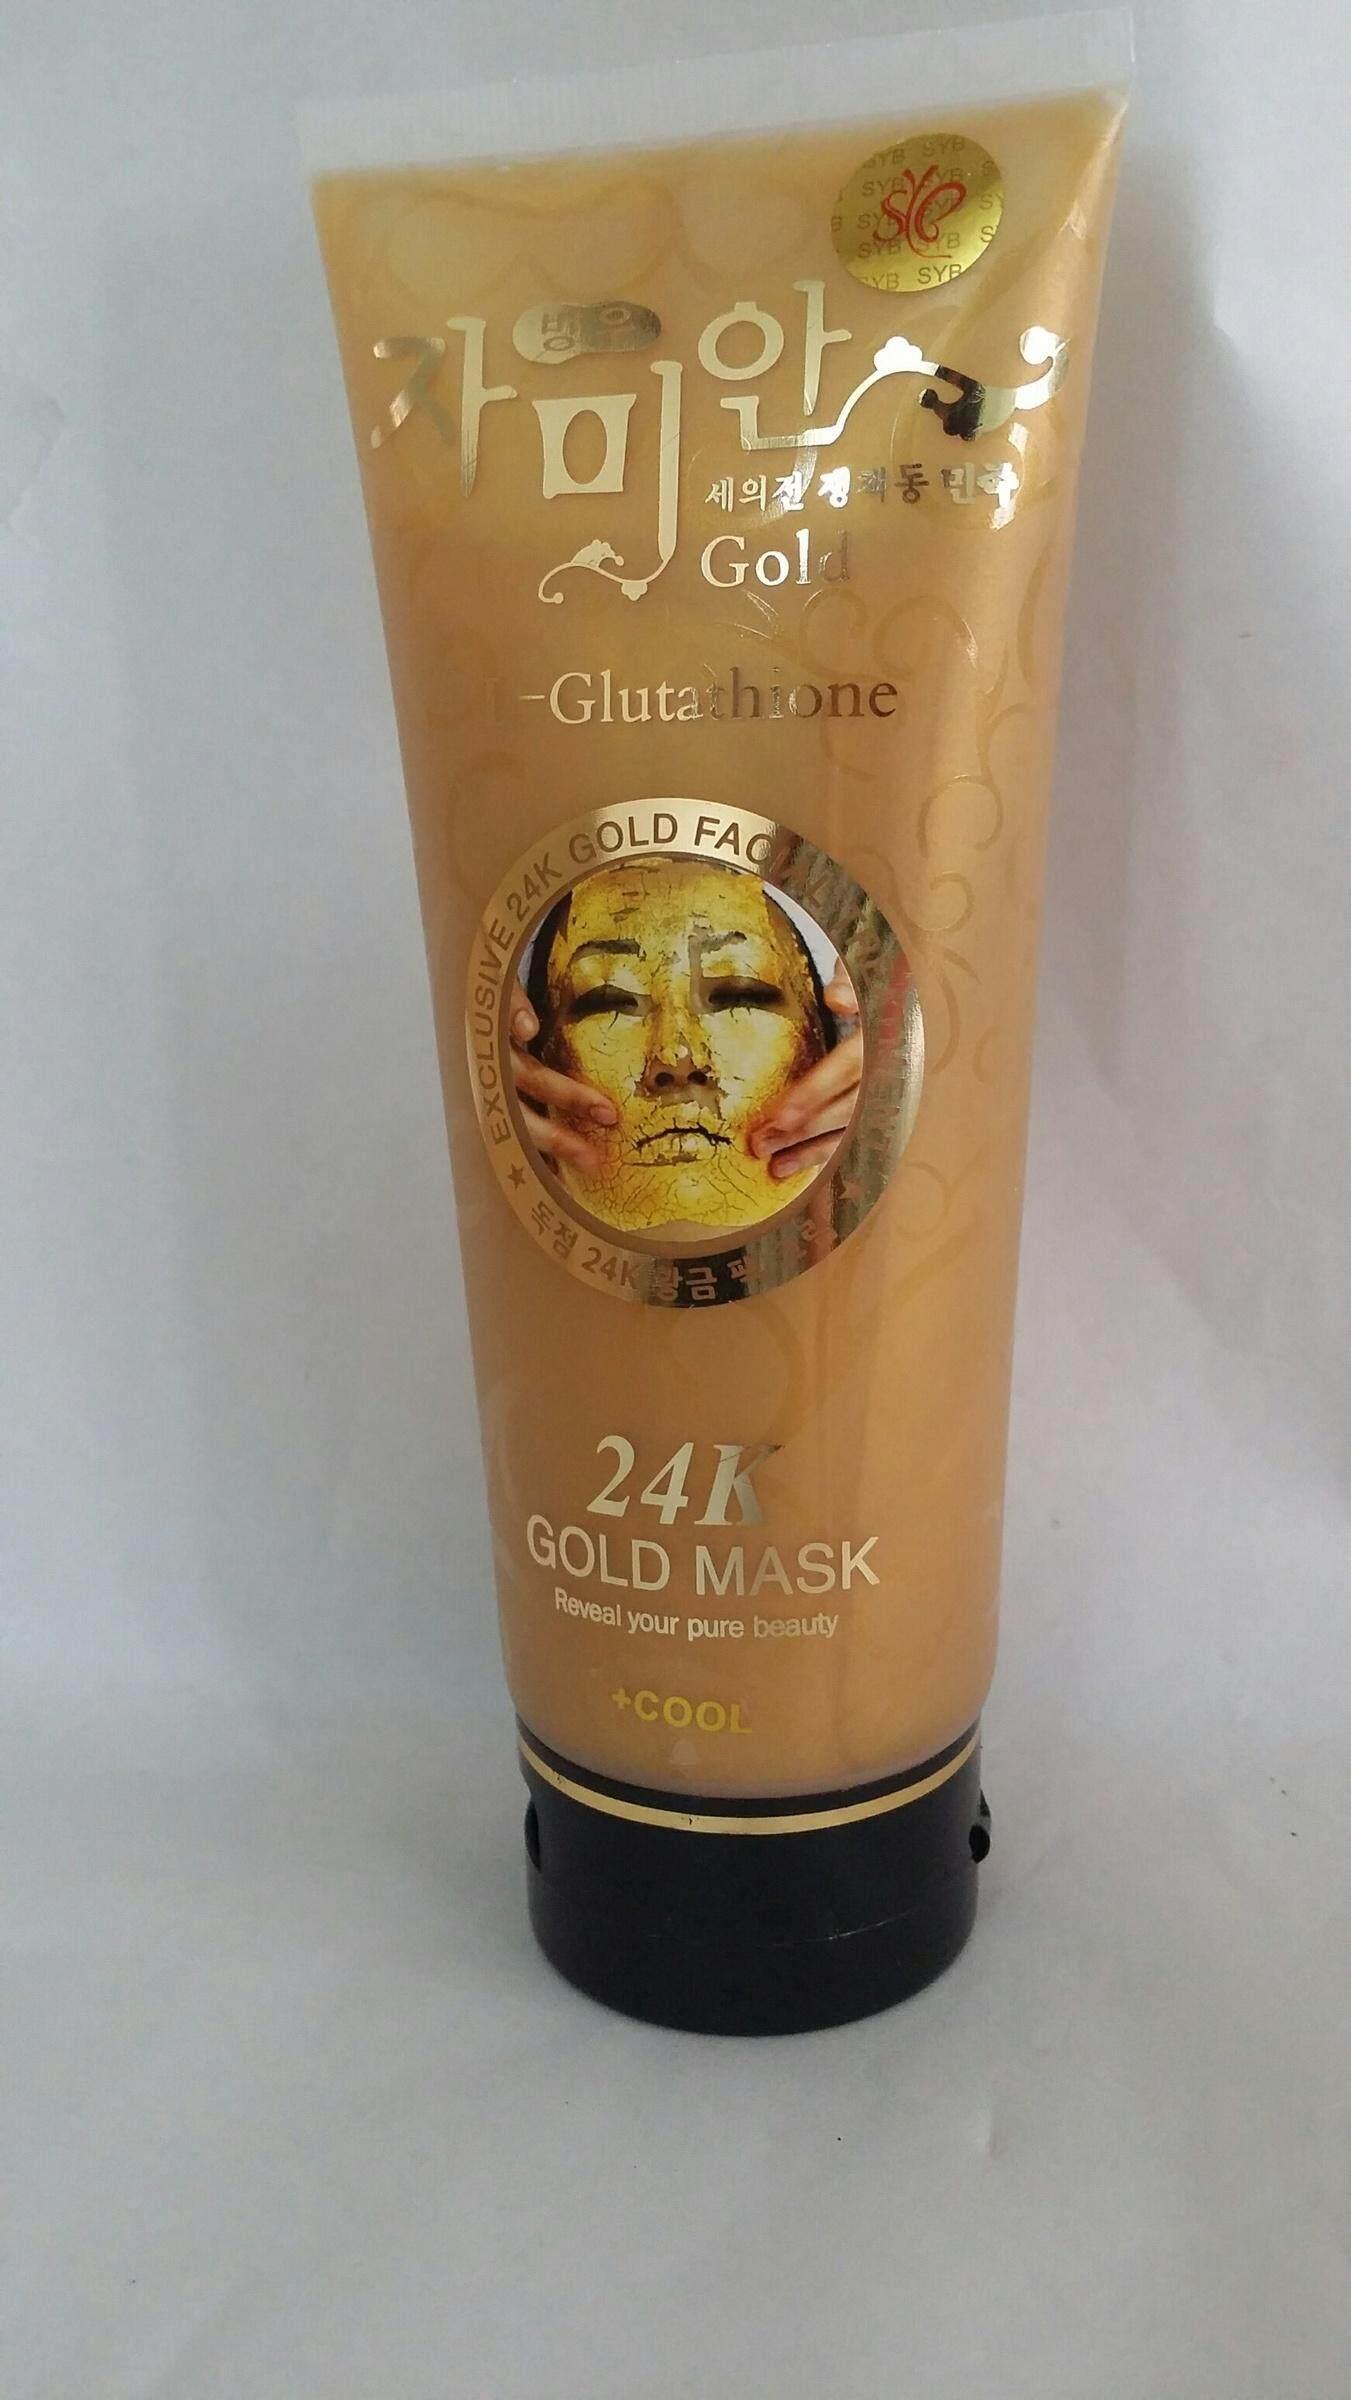 l-GLUTATHIONE 24K GOLD FACE MASK